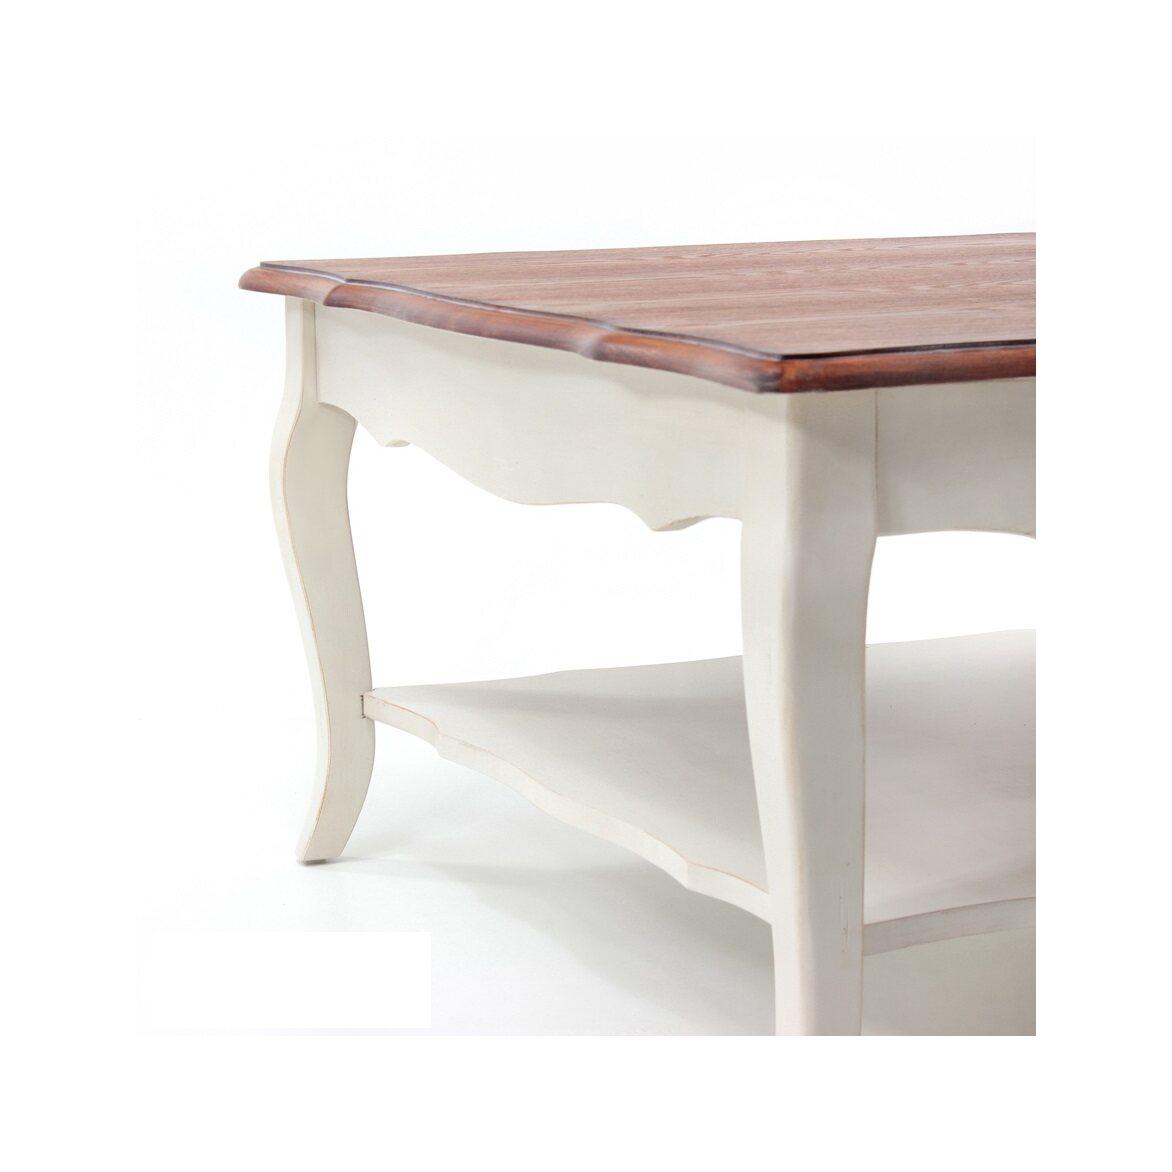 Низкий чайный столик (квадратный) Leontina, бежевого цвета 2 | Журнальные столики Kingsby